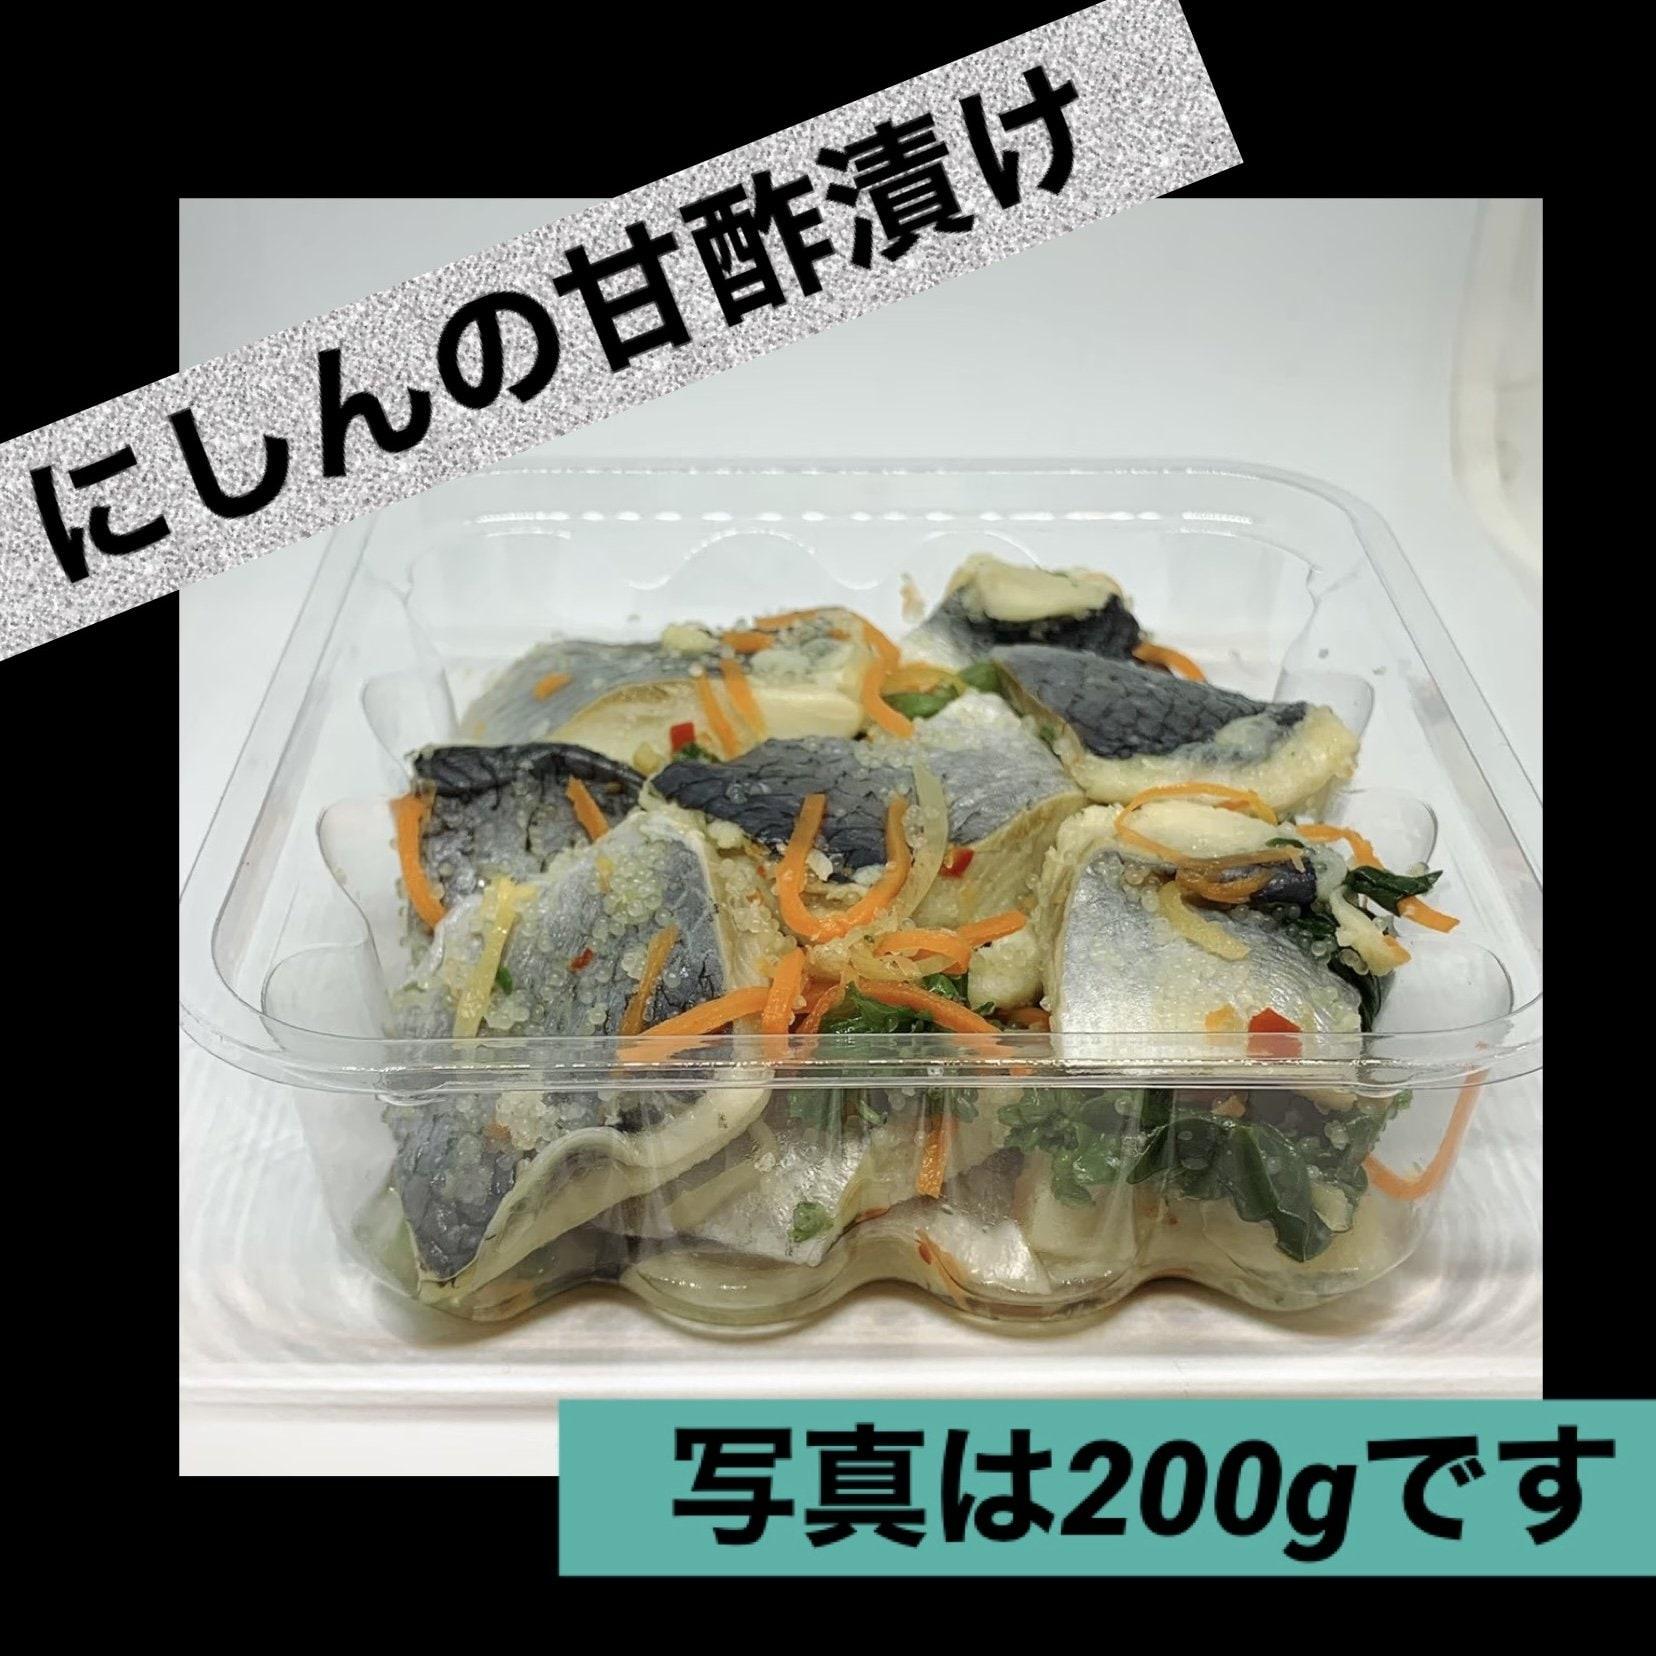 にしんの甘酢漬け100g【店頭販売専用チケット】のイメージその1